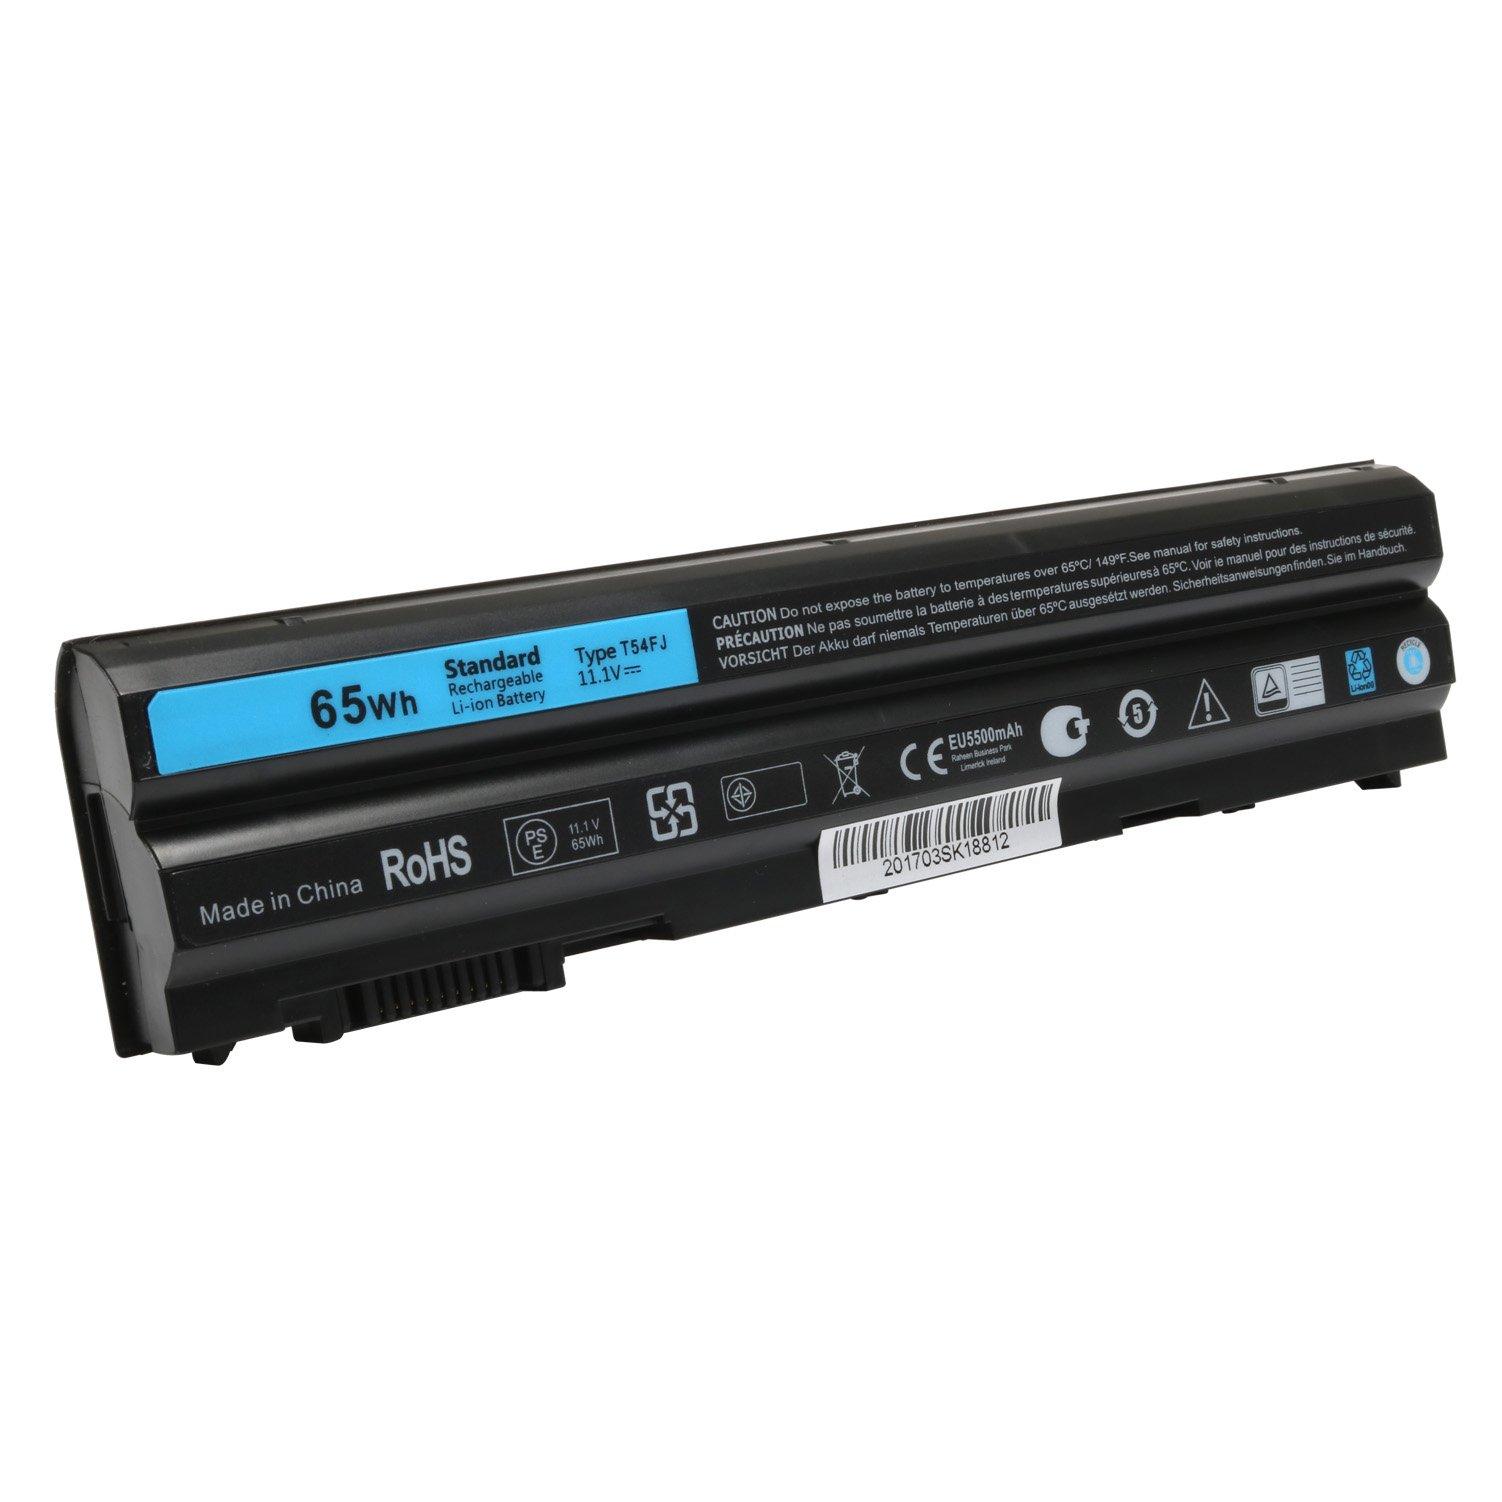 Bateria 65Wh T54FJ E6420 para Dell Latitude E6530 E6520 E5420 E5520 Inspiron 14R 15R 17R 15R-5520 15R-SE-7520 14R-5420 1